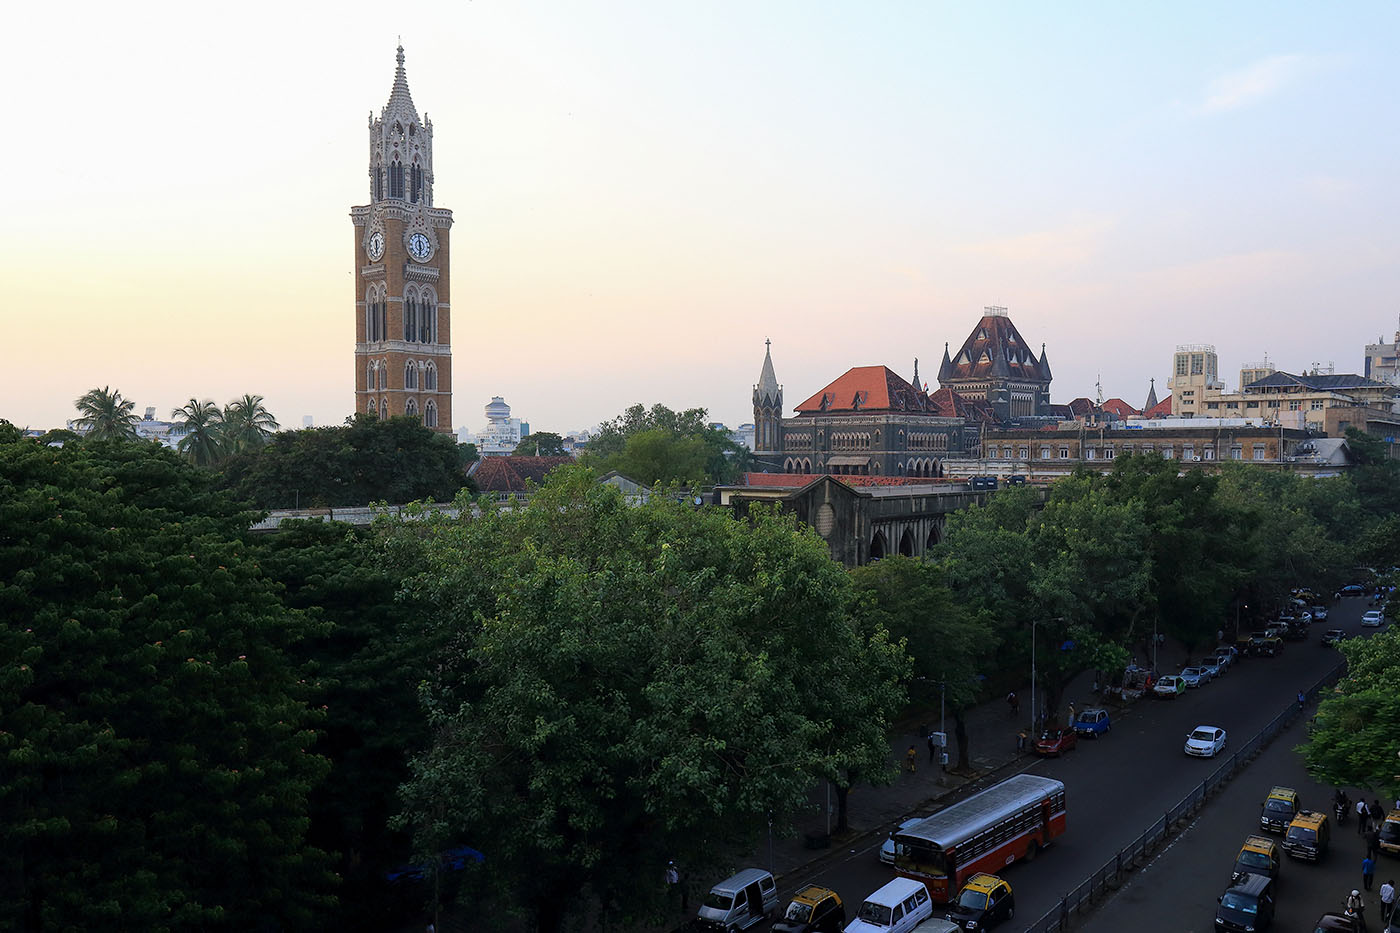 Фотография 32. Вид на Биг-Бен мумбайского университета. Отчет о путешествии по Индии дикарями (24-70, 1/160, 0eV, f9, 26 mm, ISO 640)